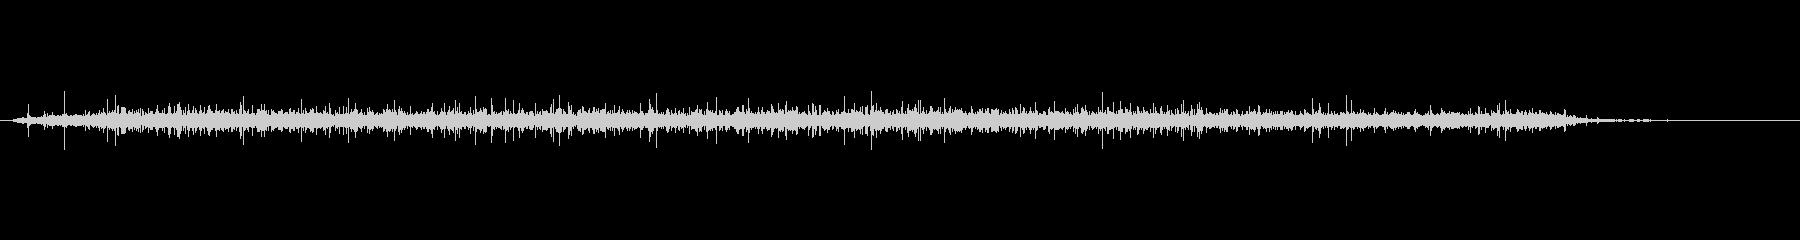 水 タップフローミディアムロング02の未再生の波形